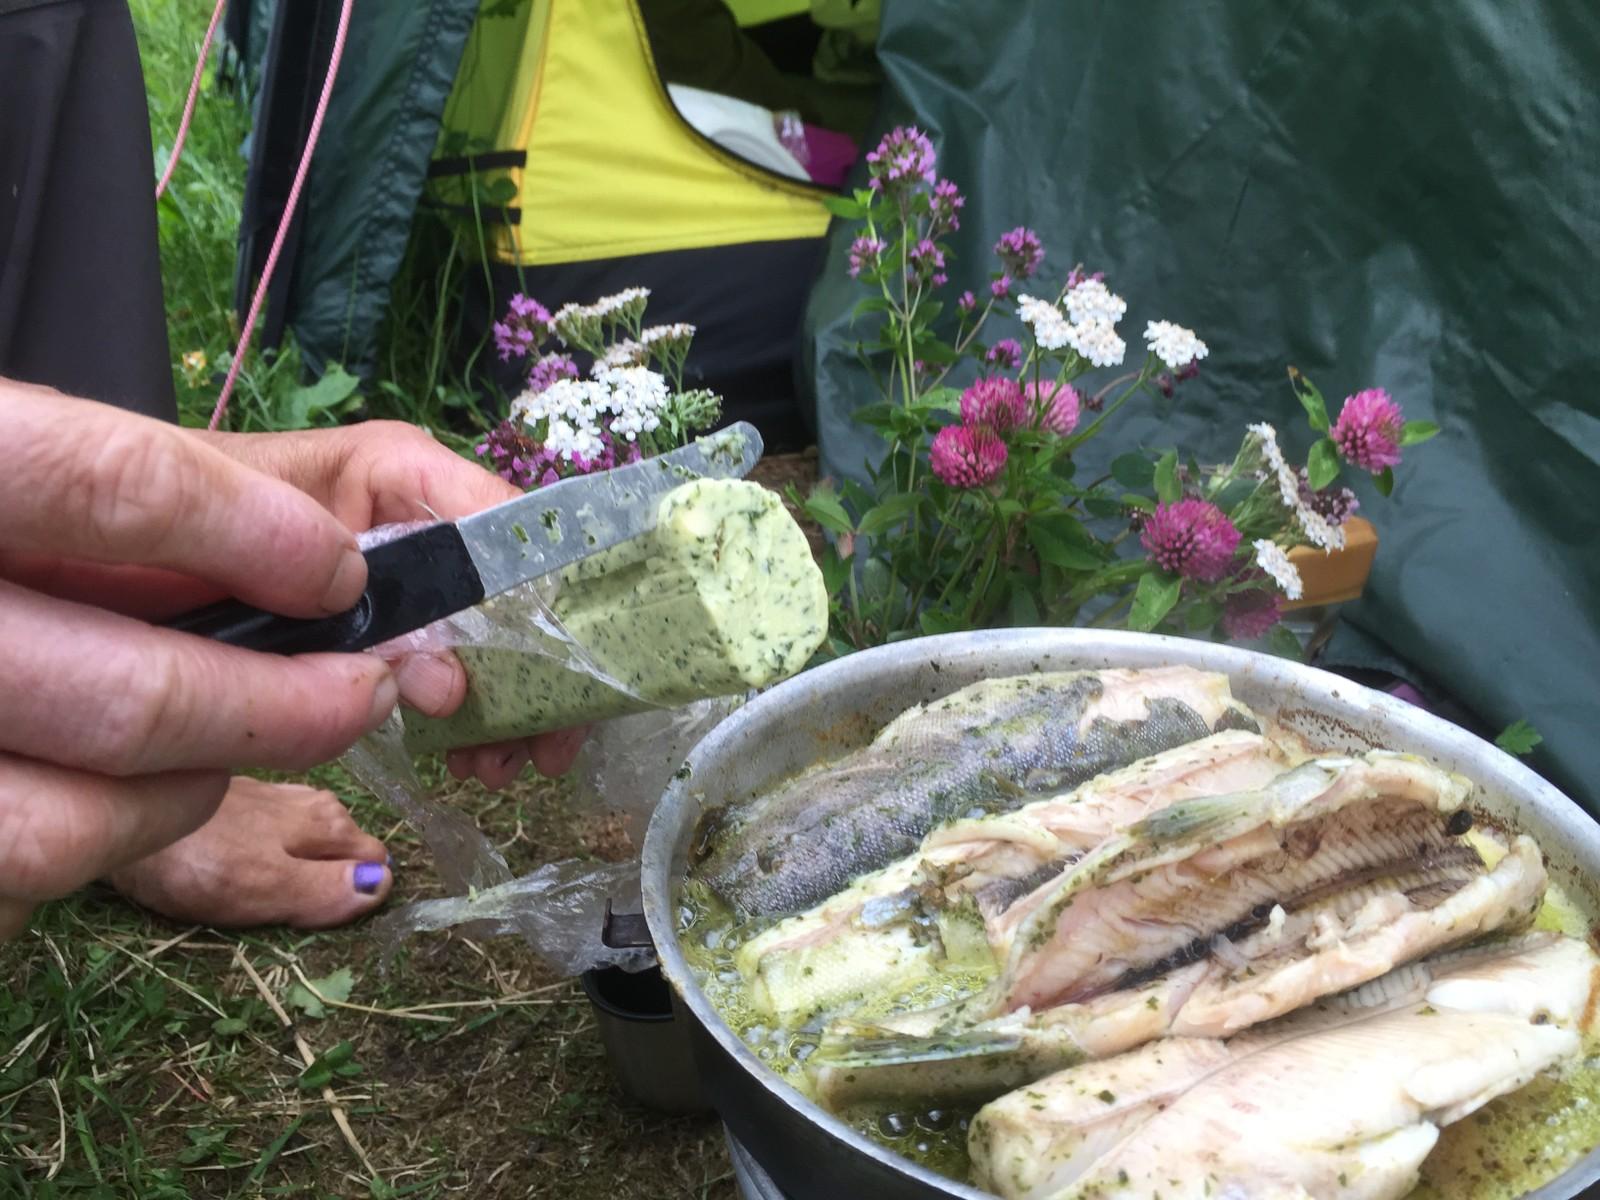 PLUKKAR URTER: Åse Evebø nyttar ramslauken, som ho kallar nordens kvitlauk, for å lage eit kryddersmør.